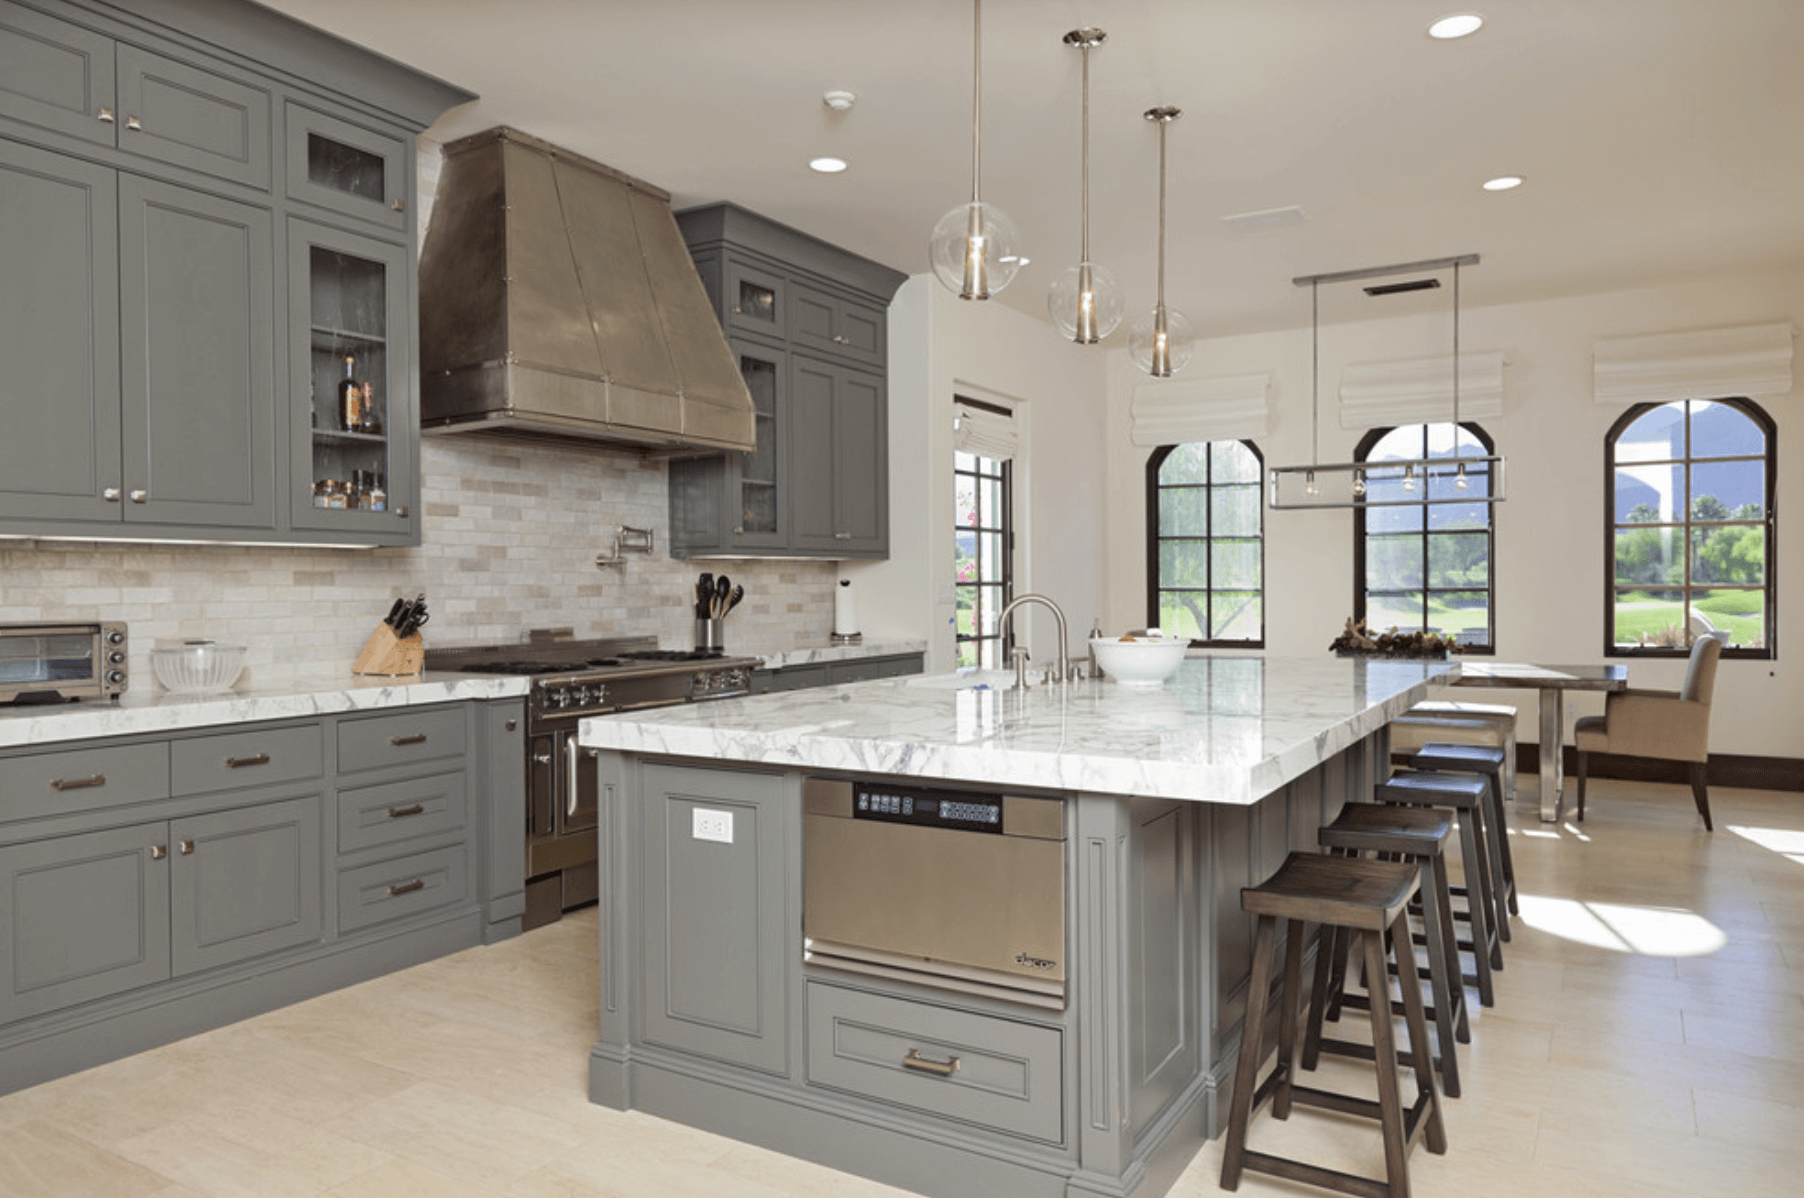 Дизайн кухни в оттенках серого цвета. Фото 4